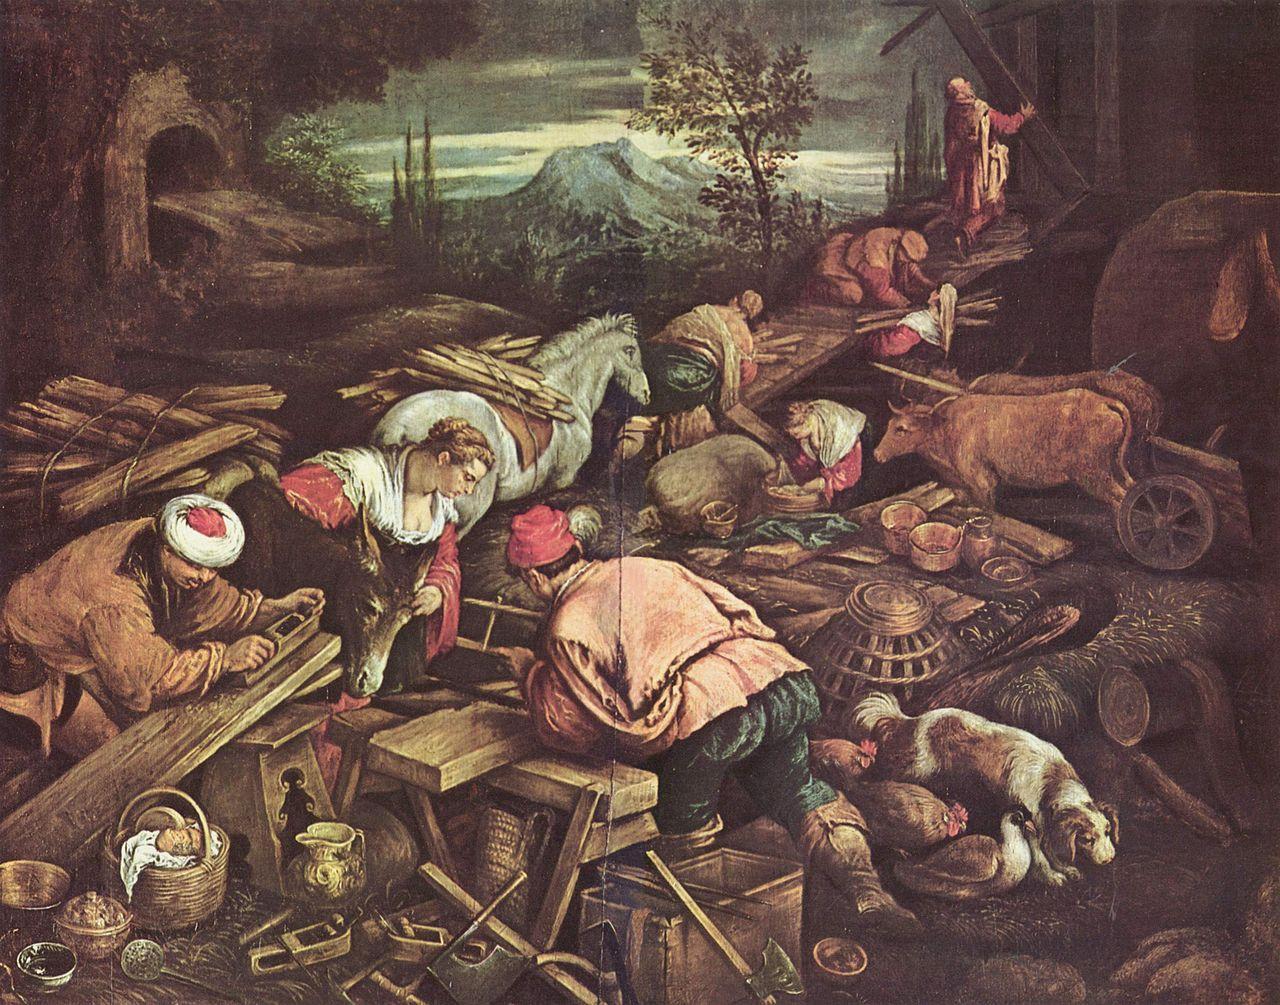 Jacopo bassano 1515 1592